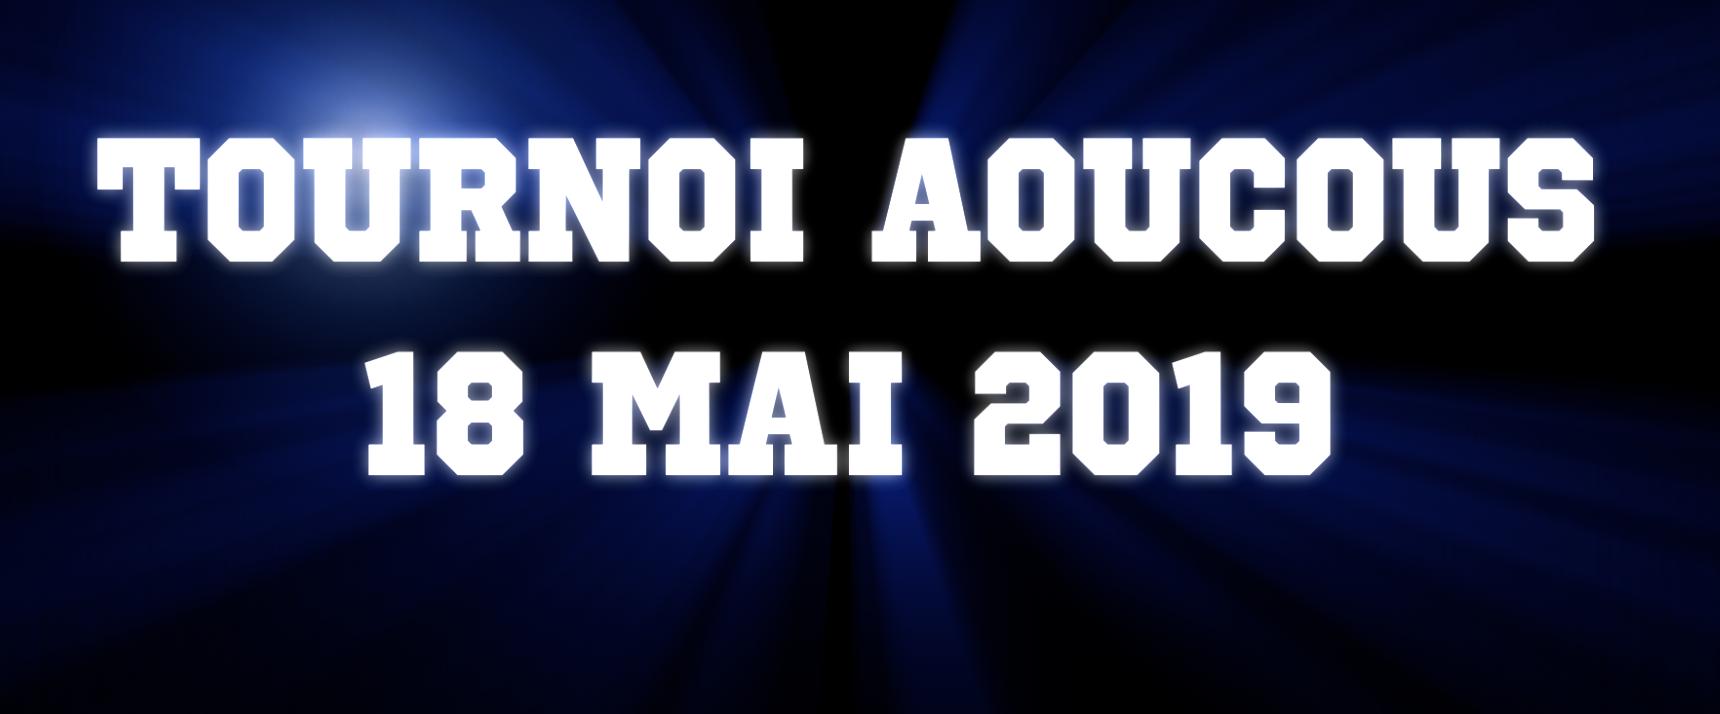 Tournoi des Aoucous le 18 Mai 2019